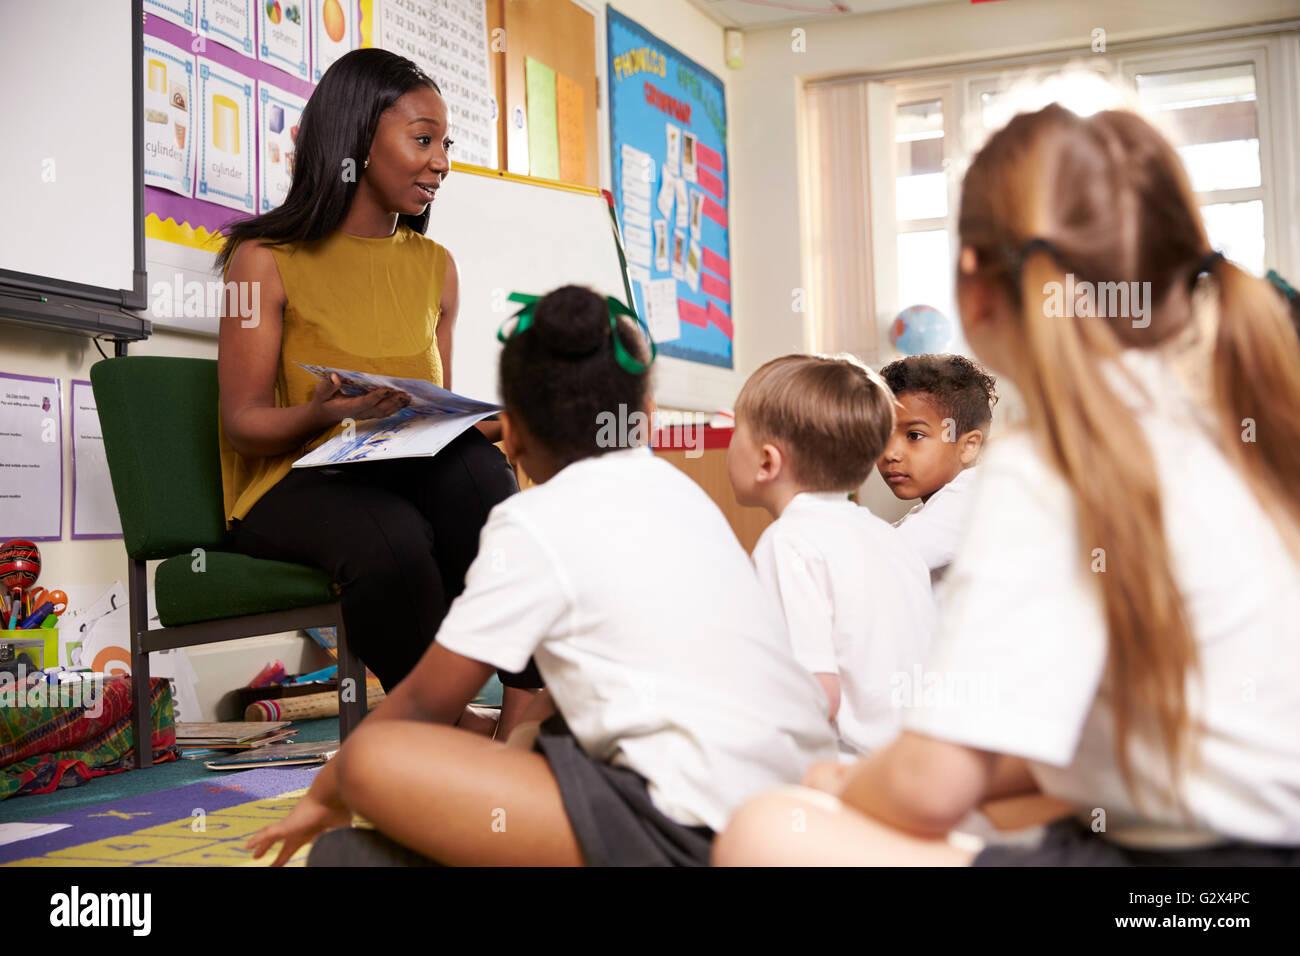 La lecture de l'enseignant aux élèves de l'élémentaire en classe Photo Stock